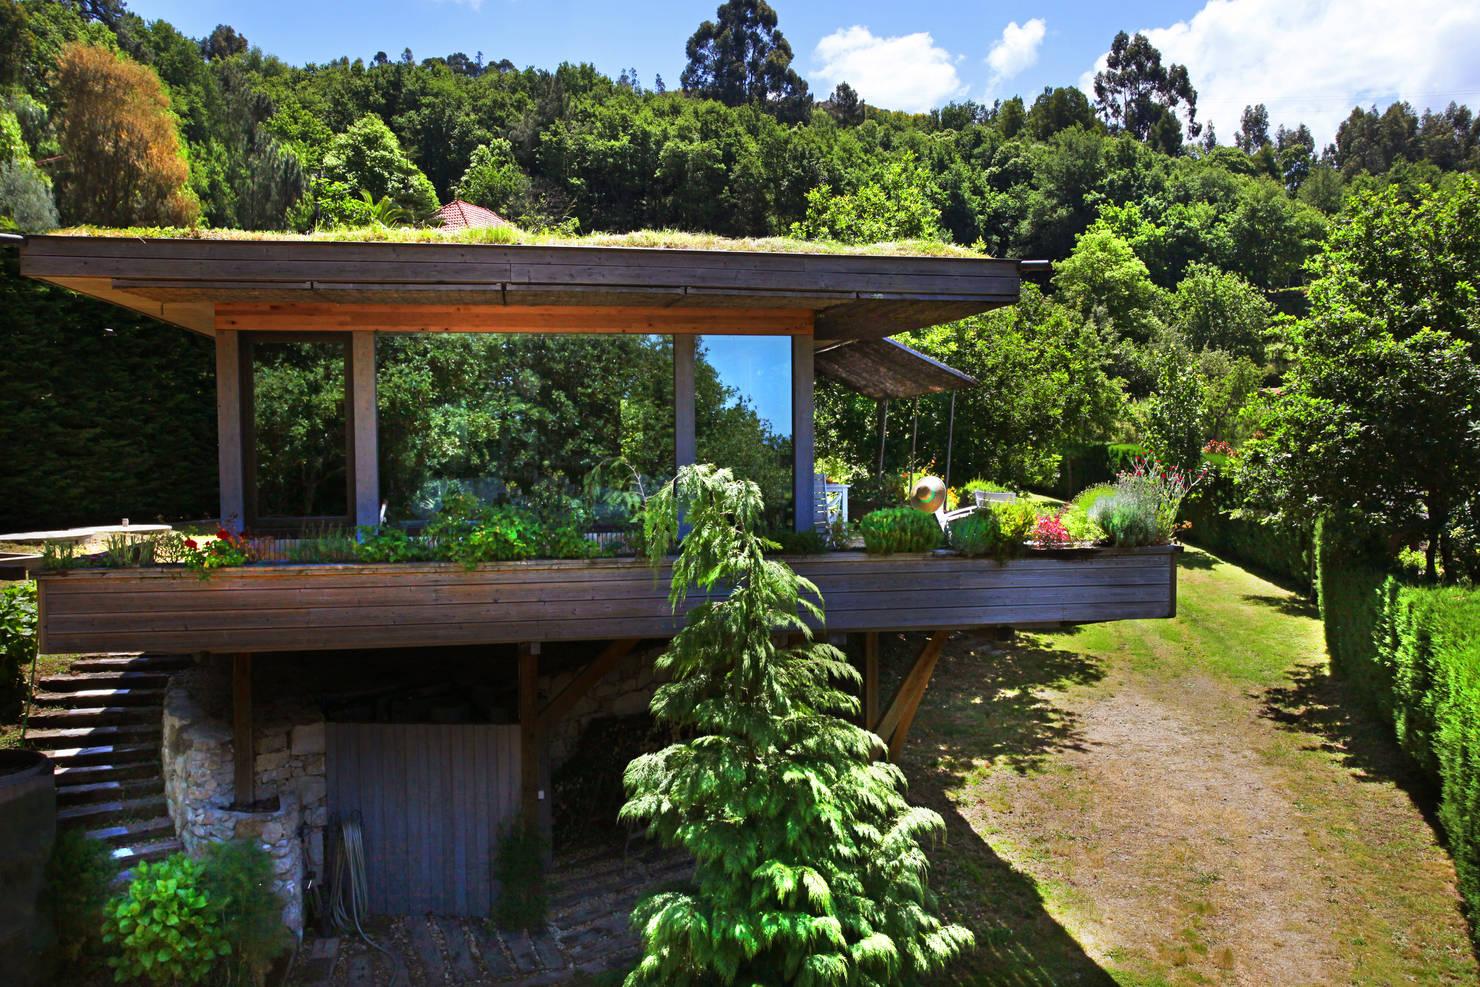 Rústica E Incrível: Veja Esta Casa Construída Em Meio À Natureza